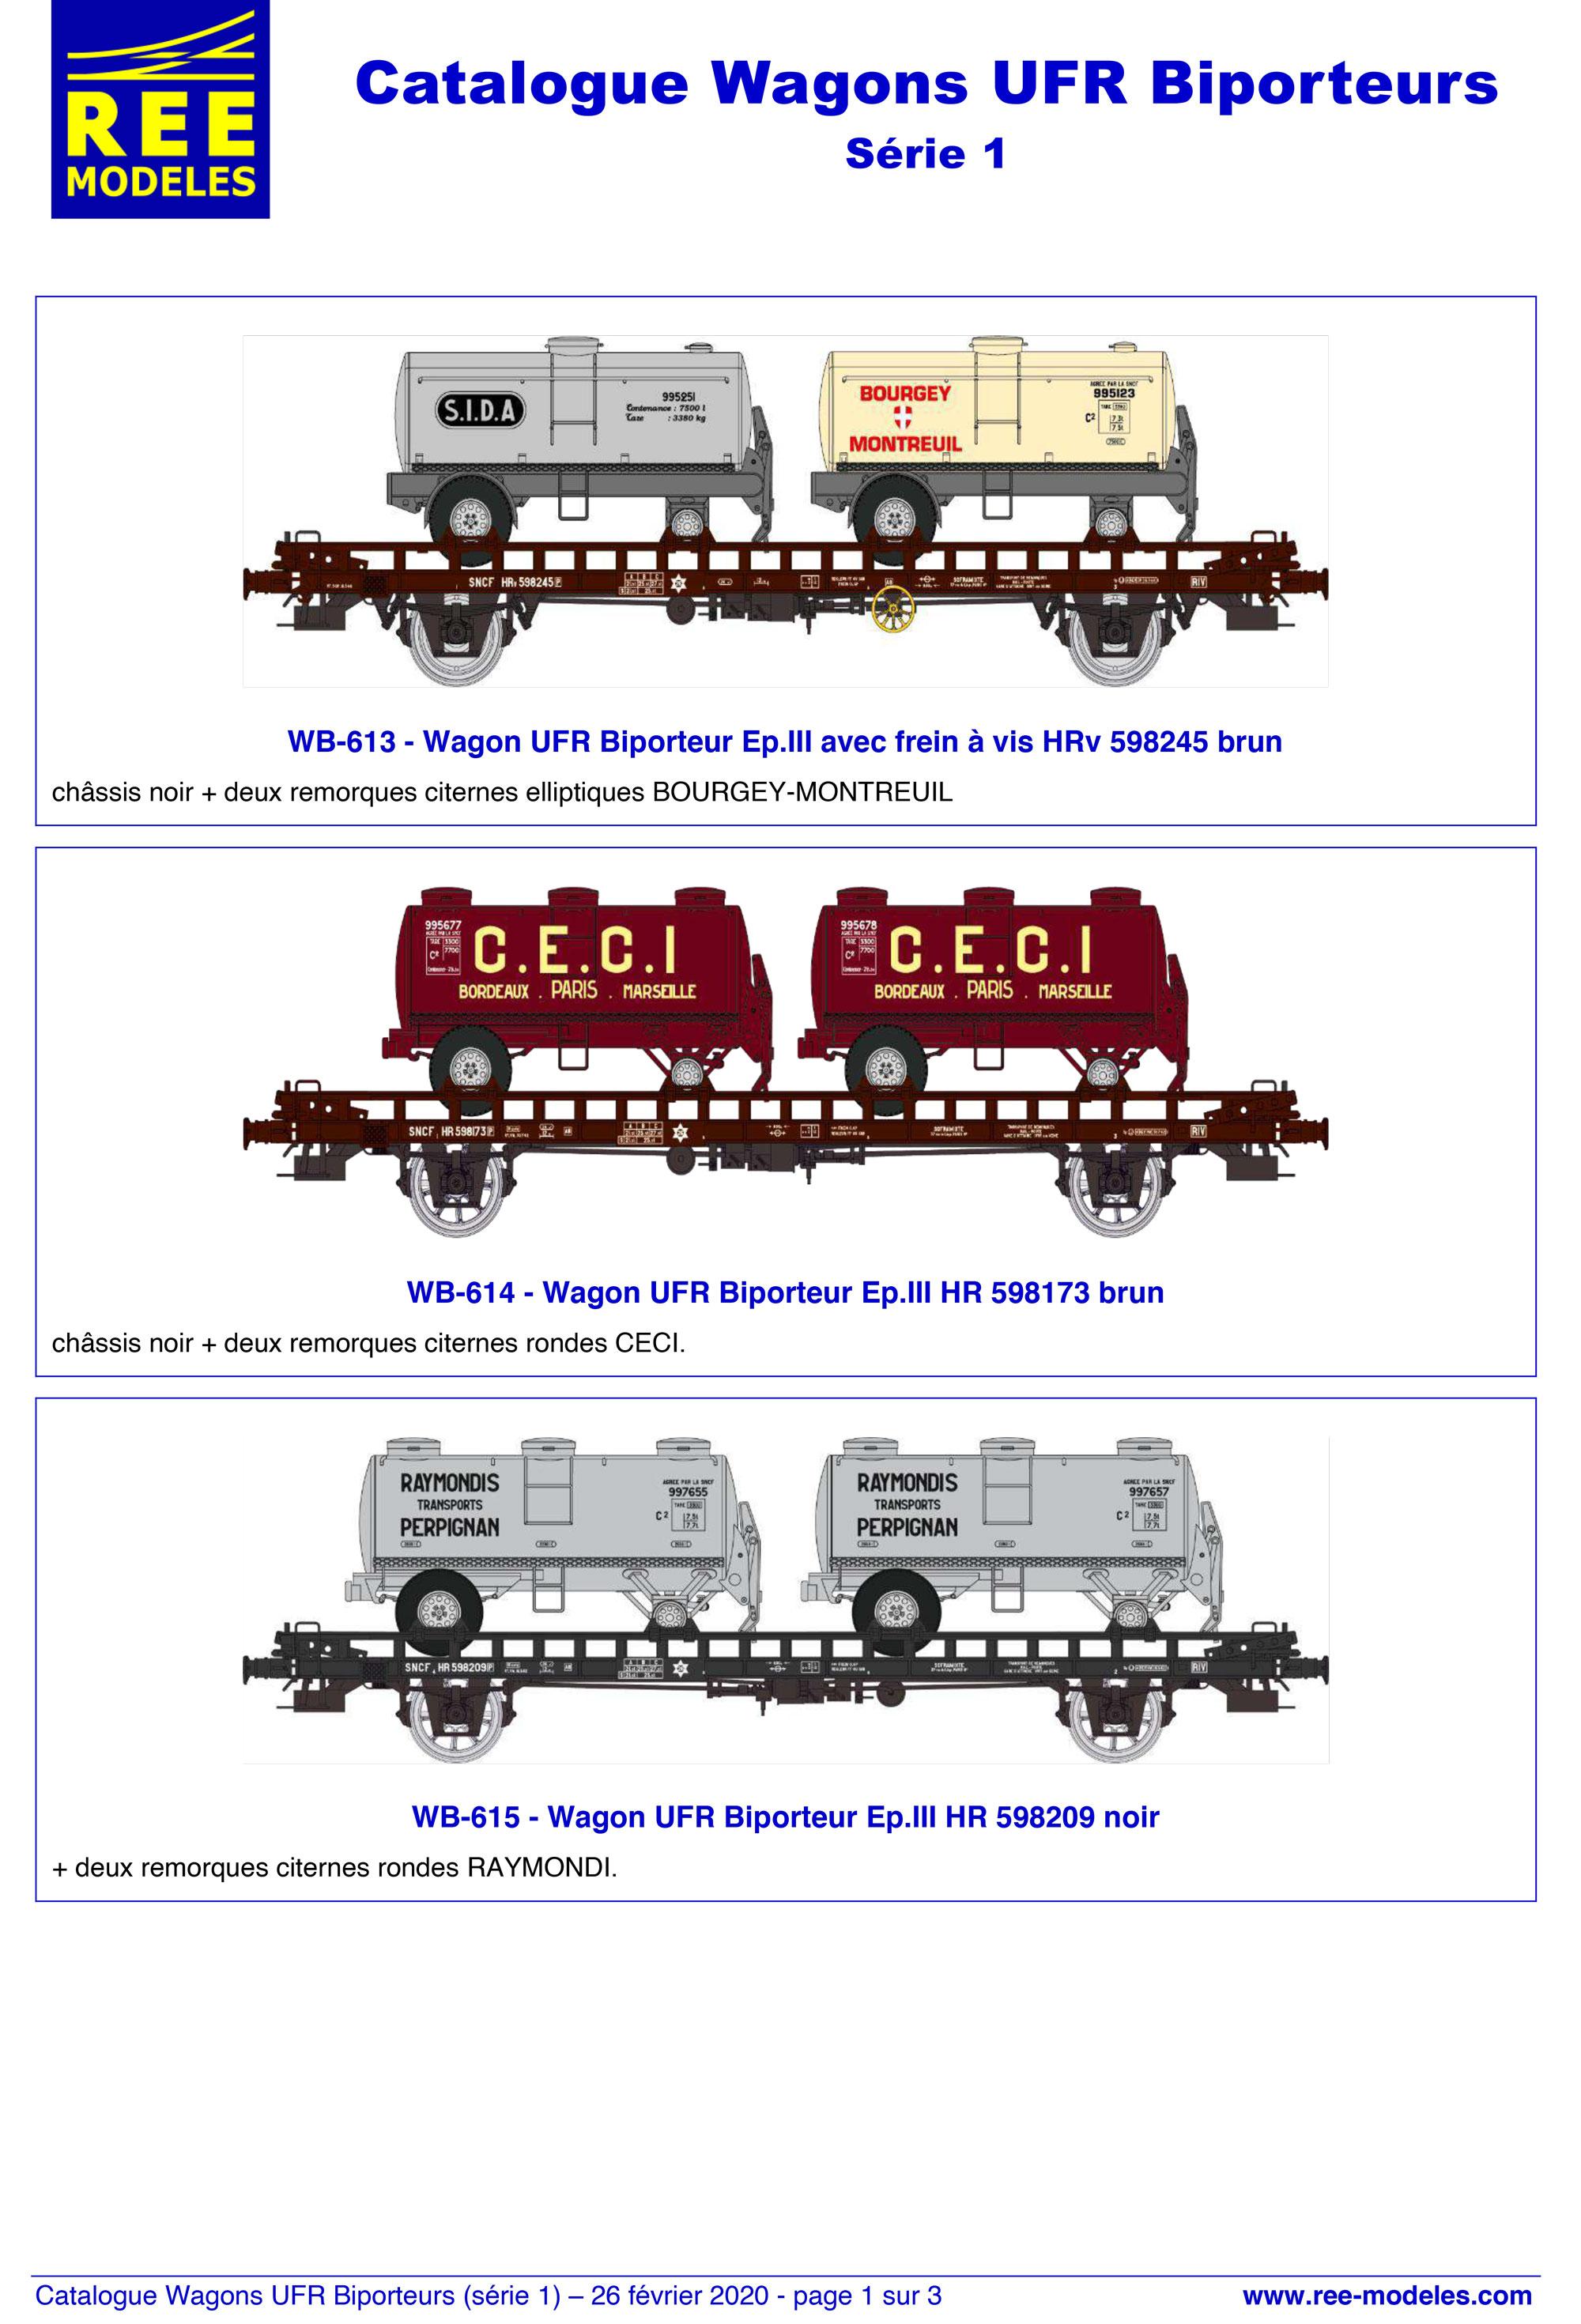 Rails Europ Express - UFR freight wagons